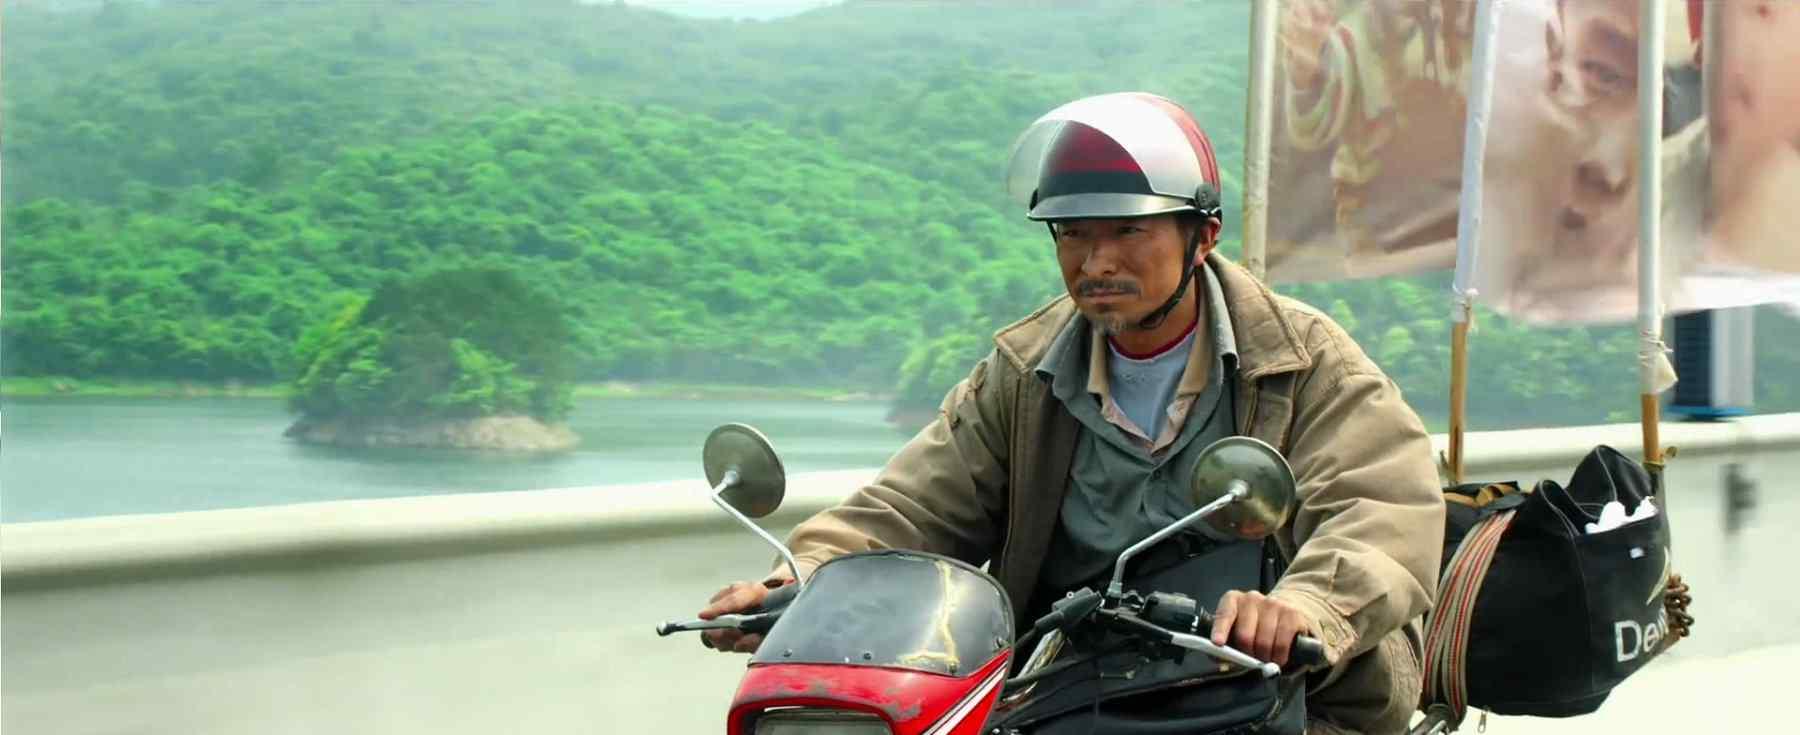 失孤电影 电影《失孤》的原型:刘德华只演出他一半的悲凉